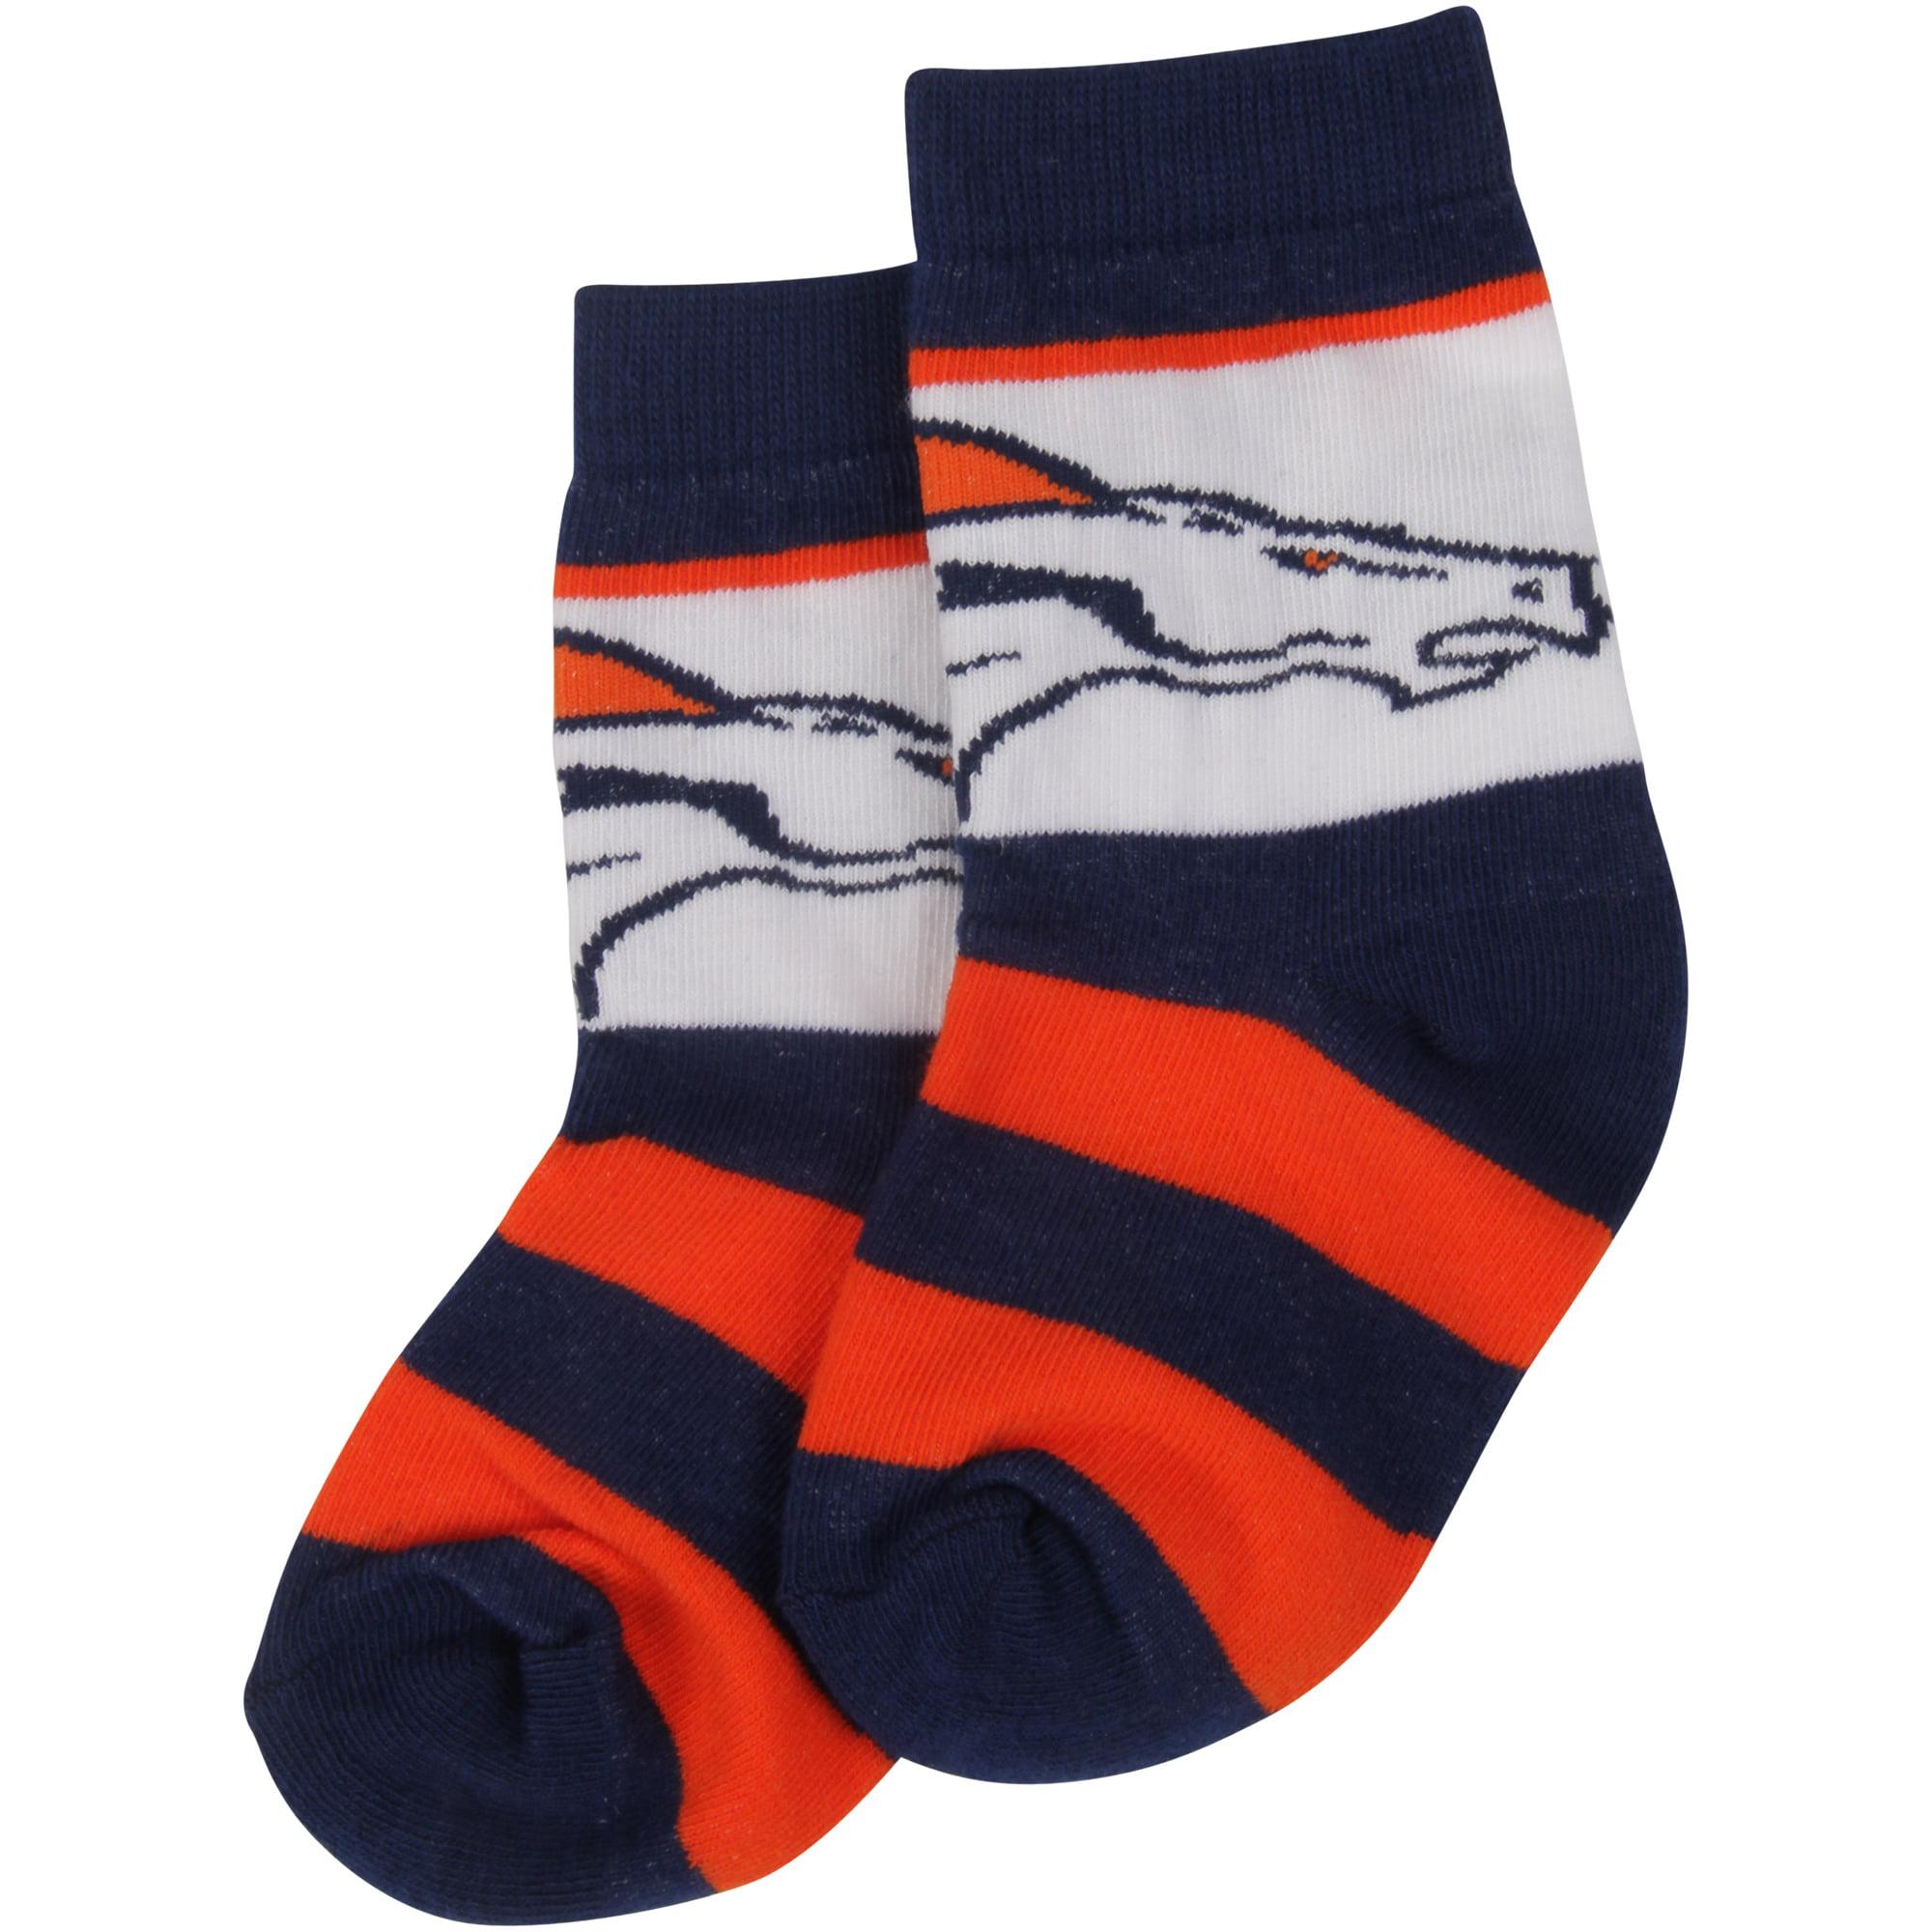 Denver Broncos For Bare Feet Toddler Rugby Block Socks - No Size